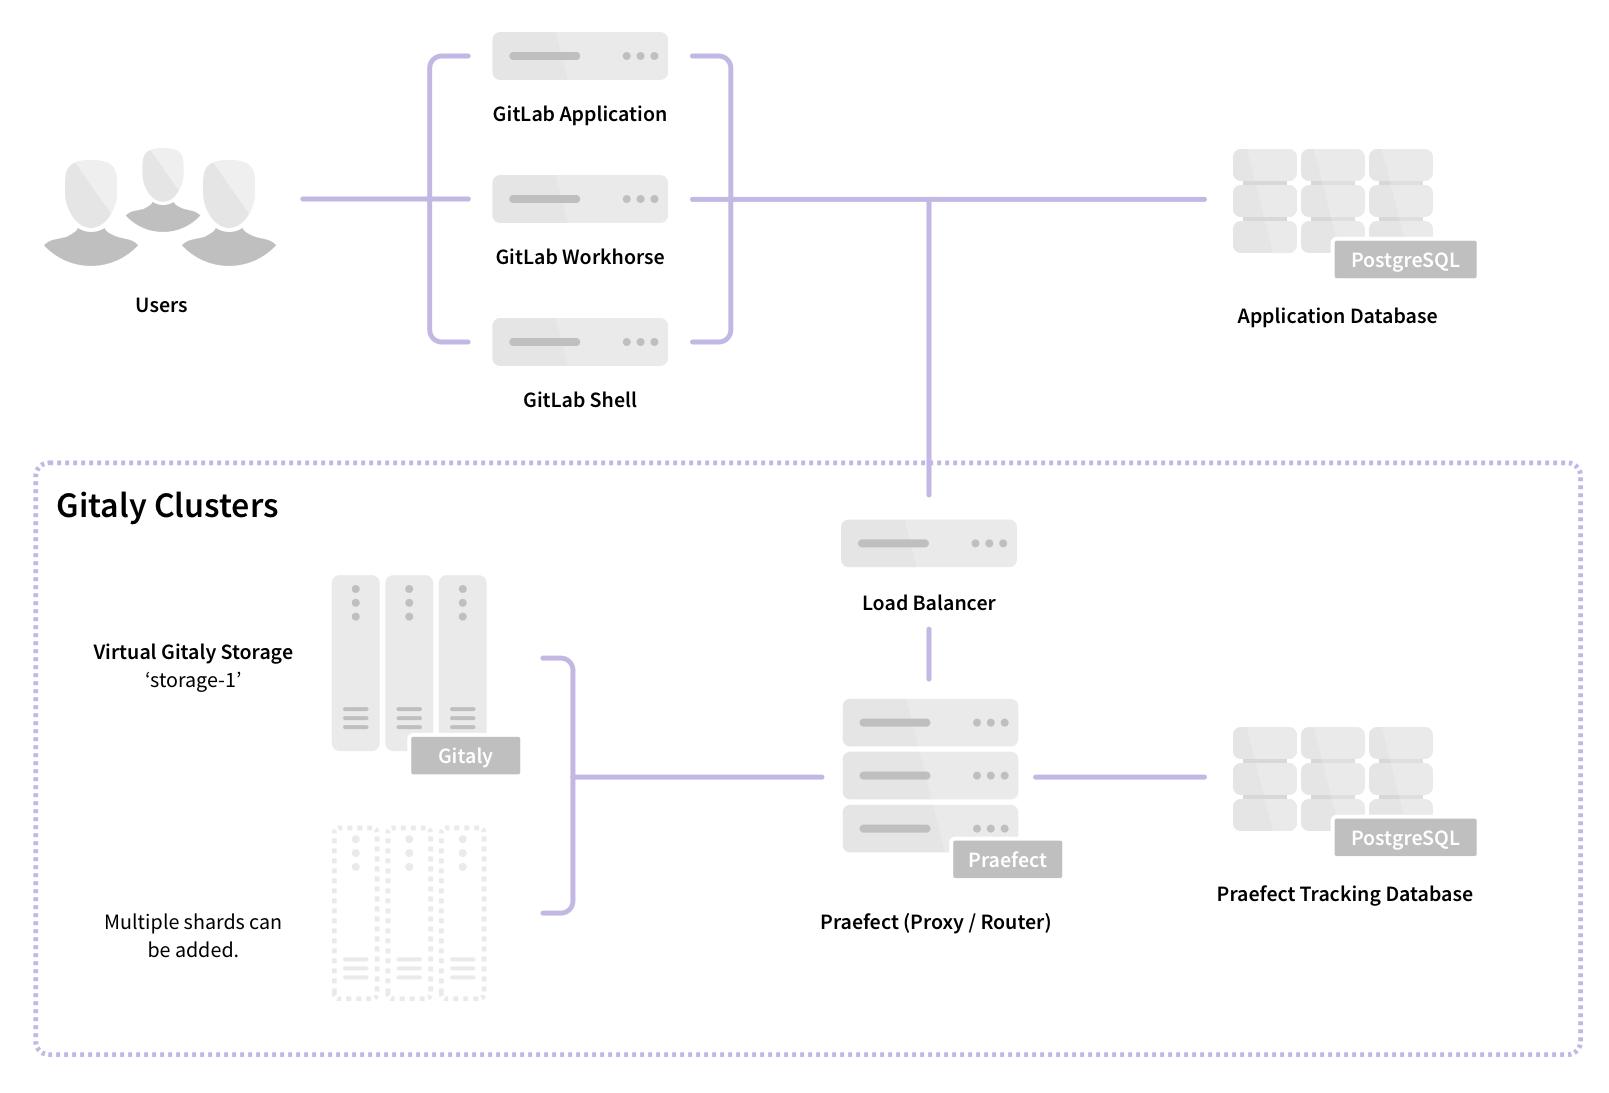 gitlab 13.0 new HA architecture